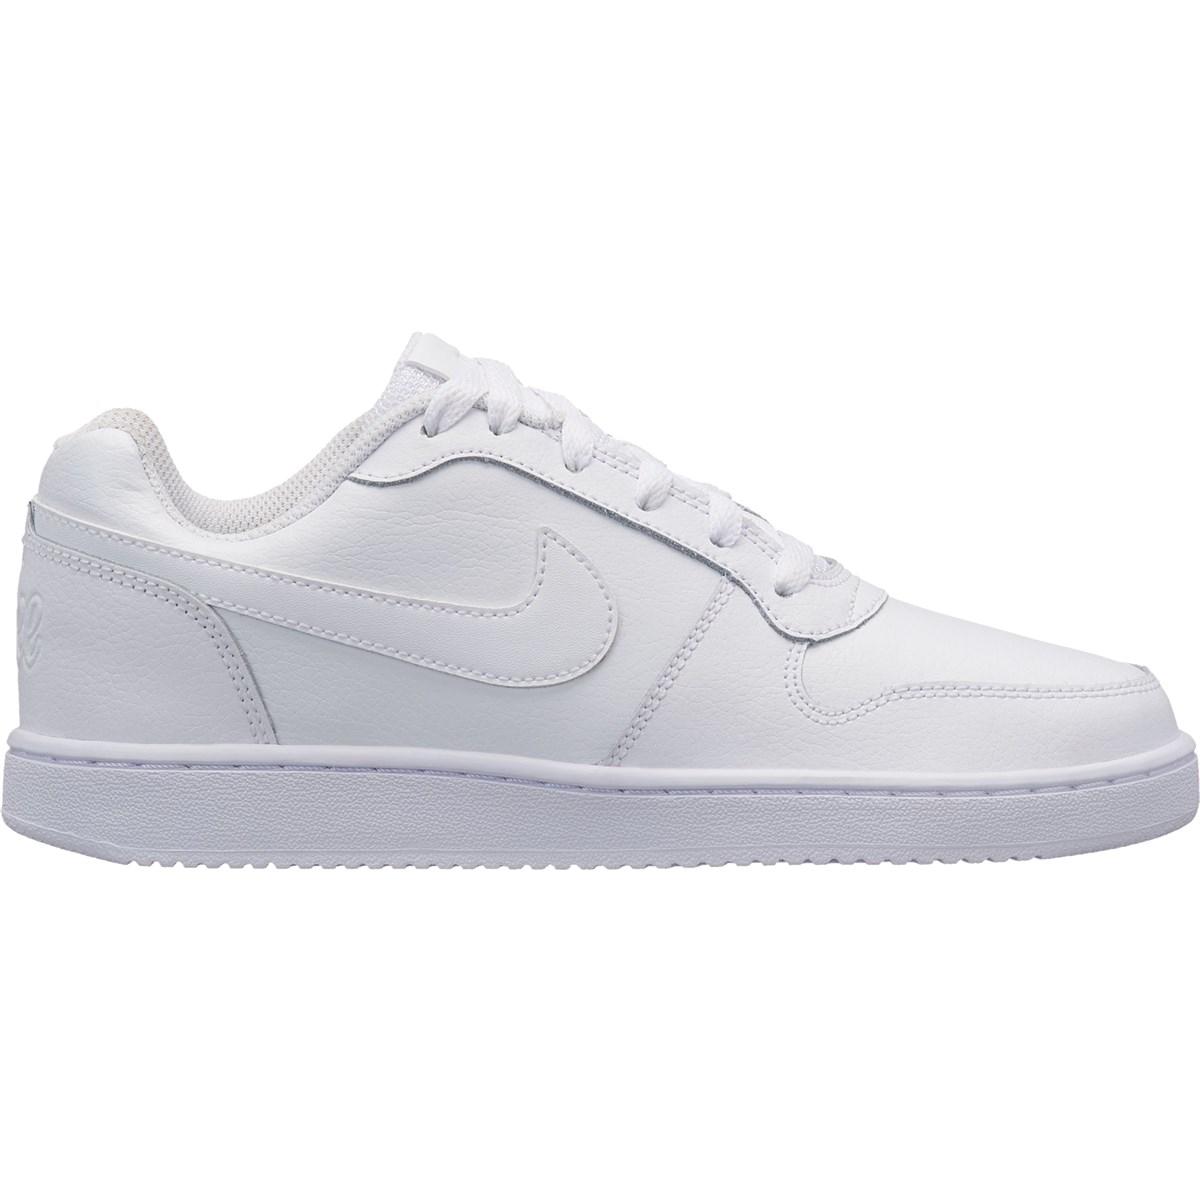 Ebernon Low Kadın Beyaz Spor Ayakkabı (AQ1779-100)